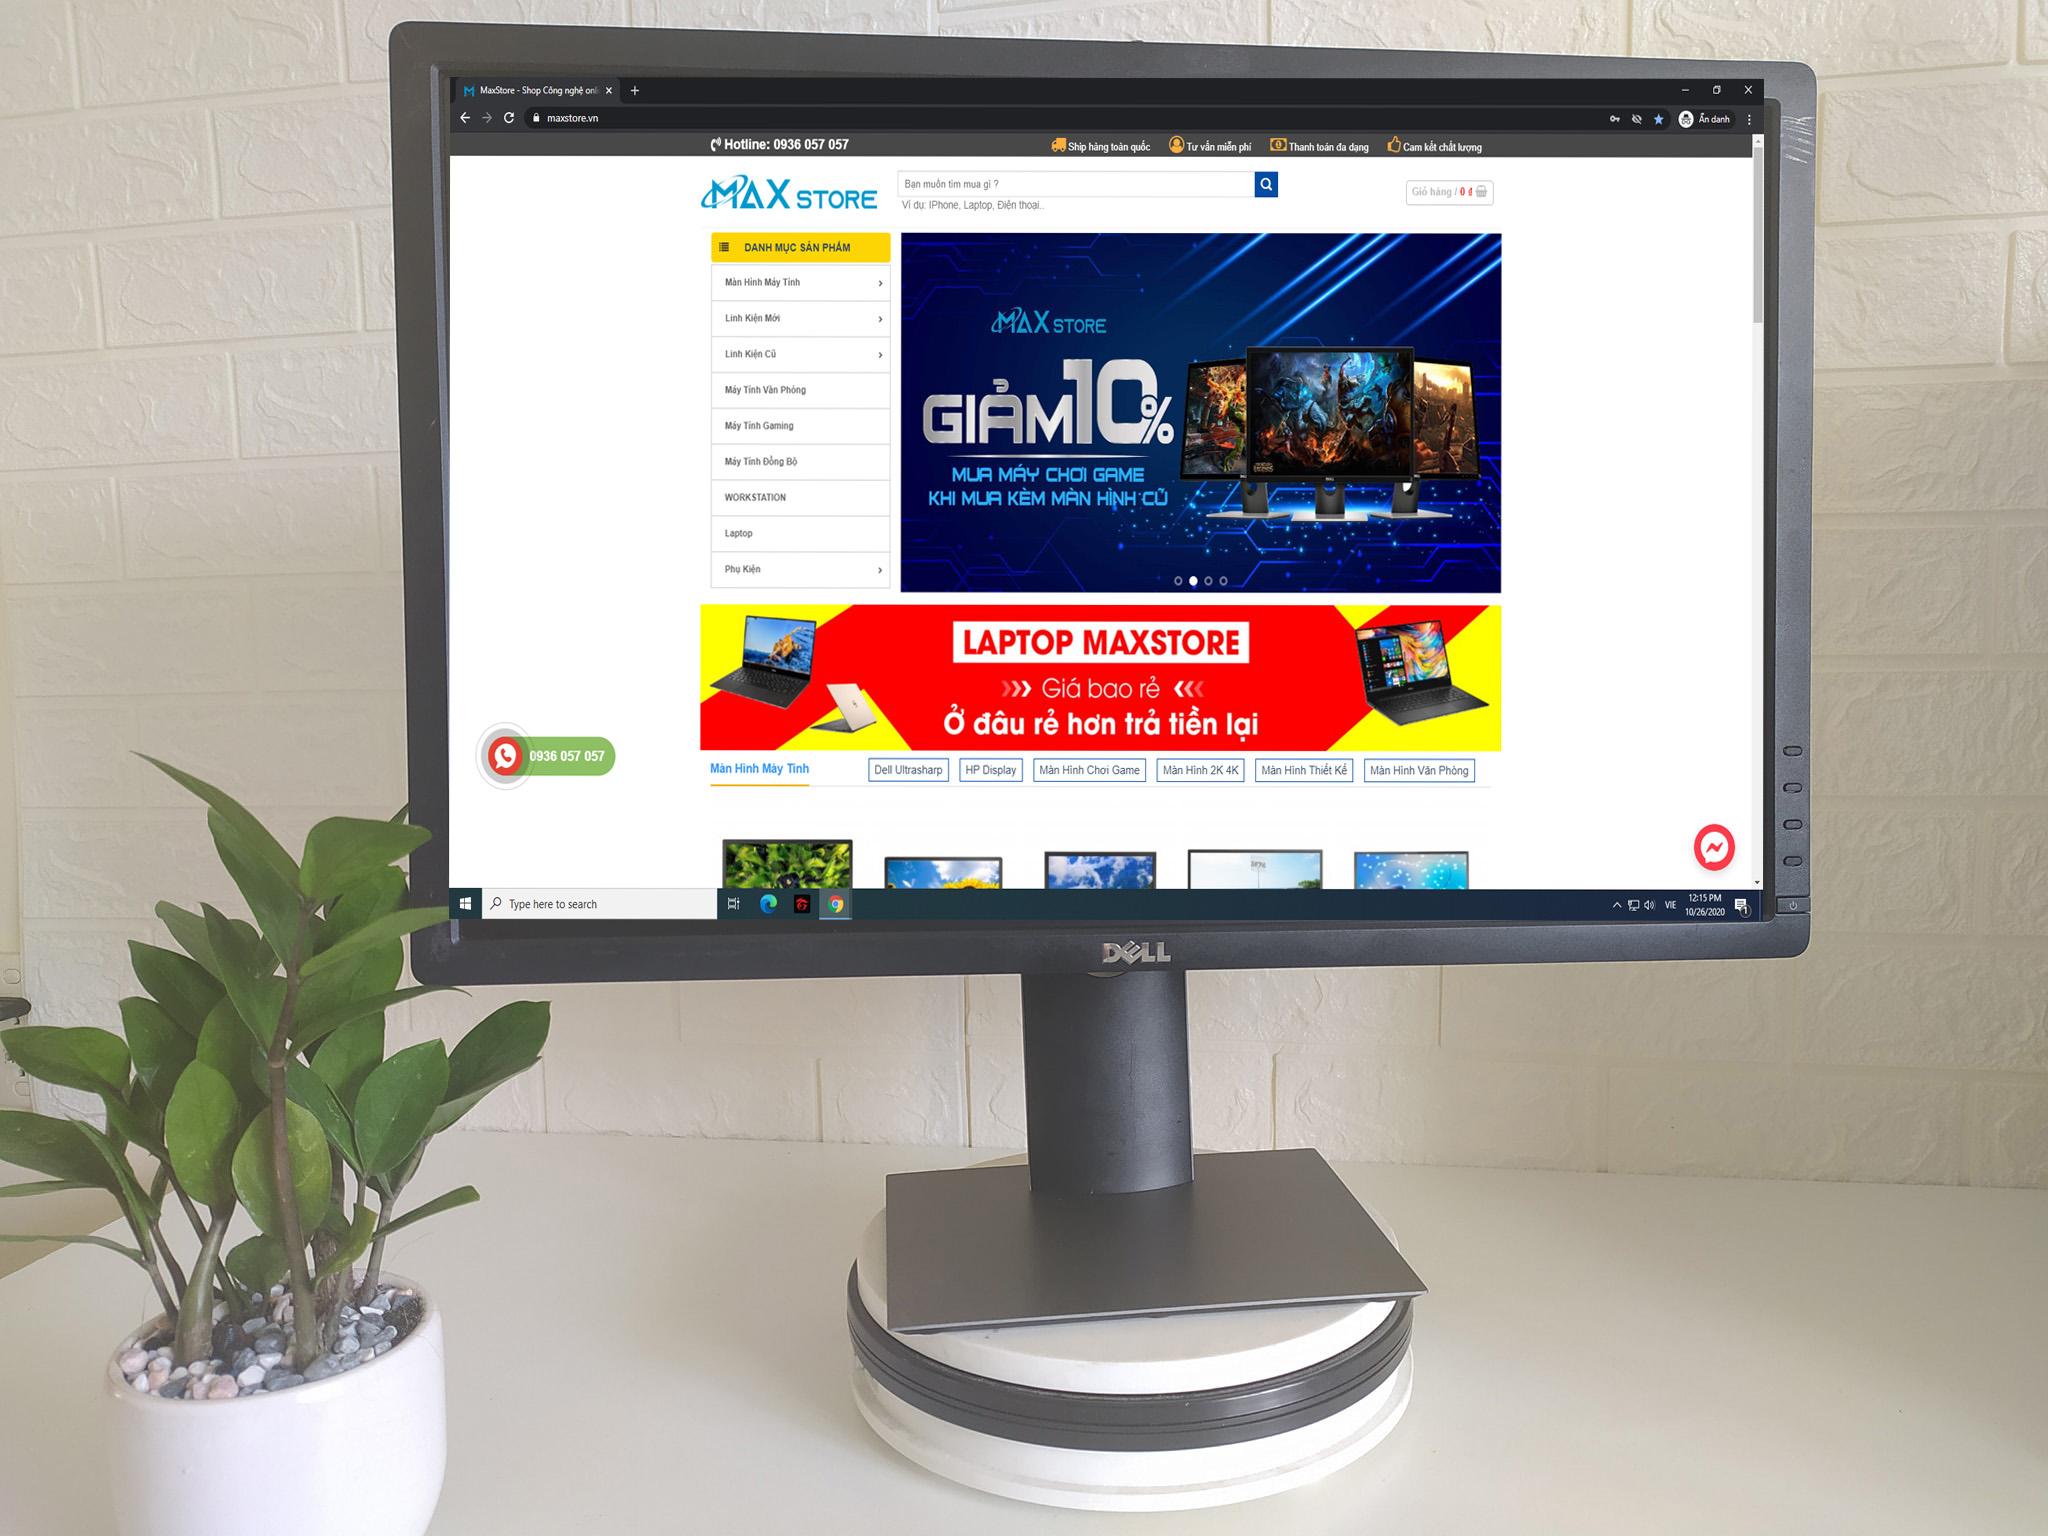 Màn hình máy tính  Dell Ultrasharp 24inch U2412 chuyên đồ họa